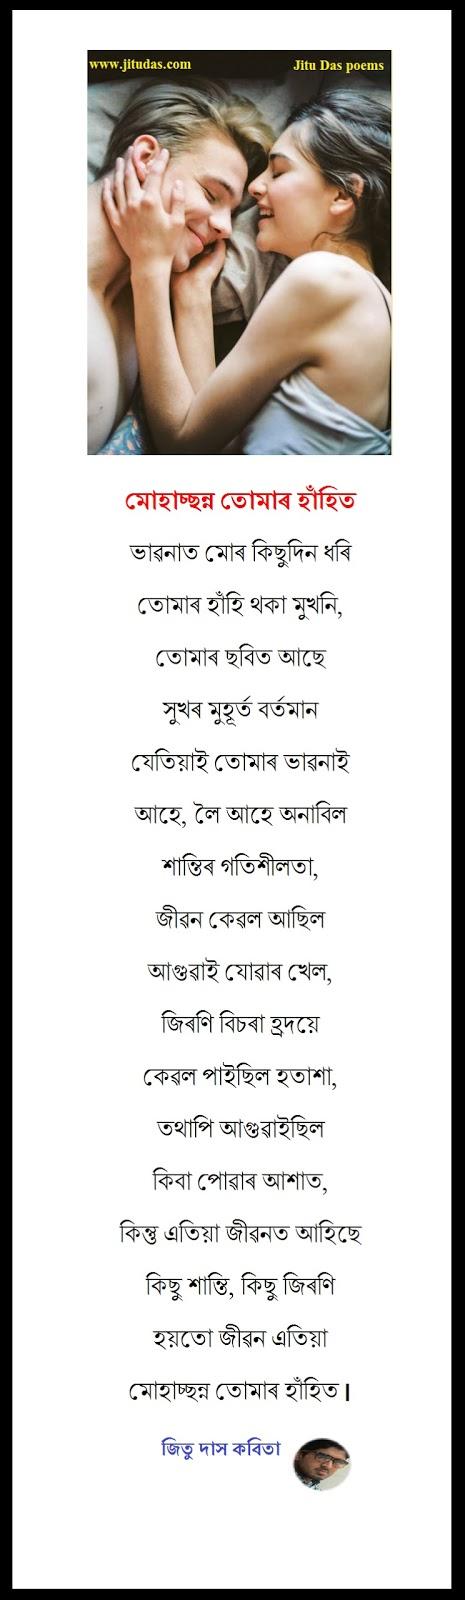 Assamese love letter to girlfriend poem ( জীৱন